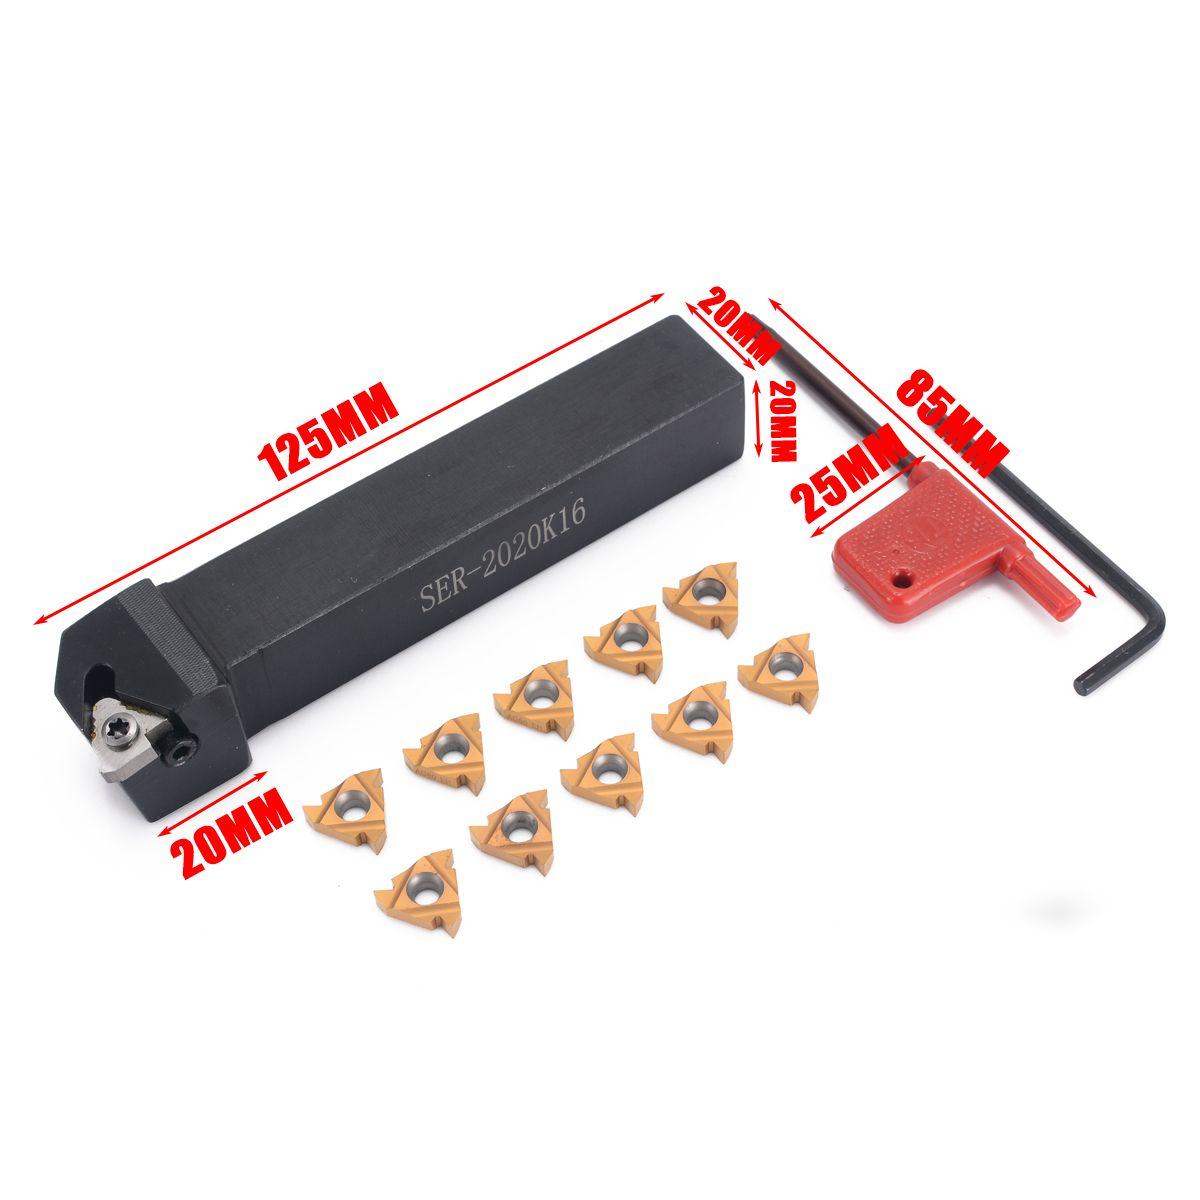 10pcs 16ER AG60 Blades Inserts + SER2020K16 Tool Holder Boring Bar + Wrench For Lathe Turning Tool